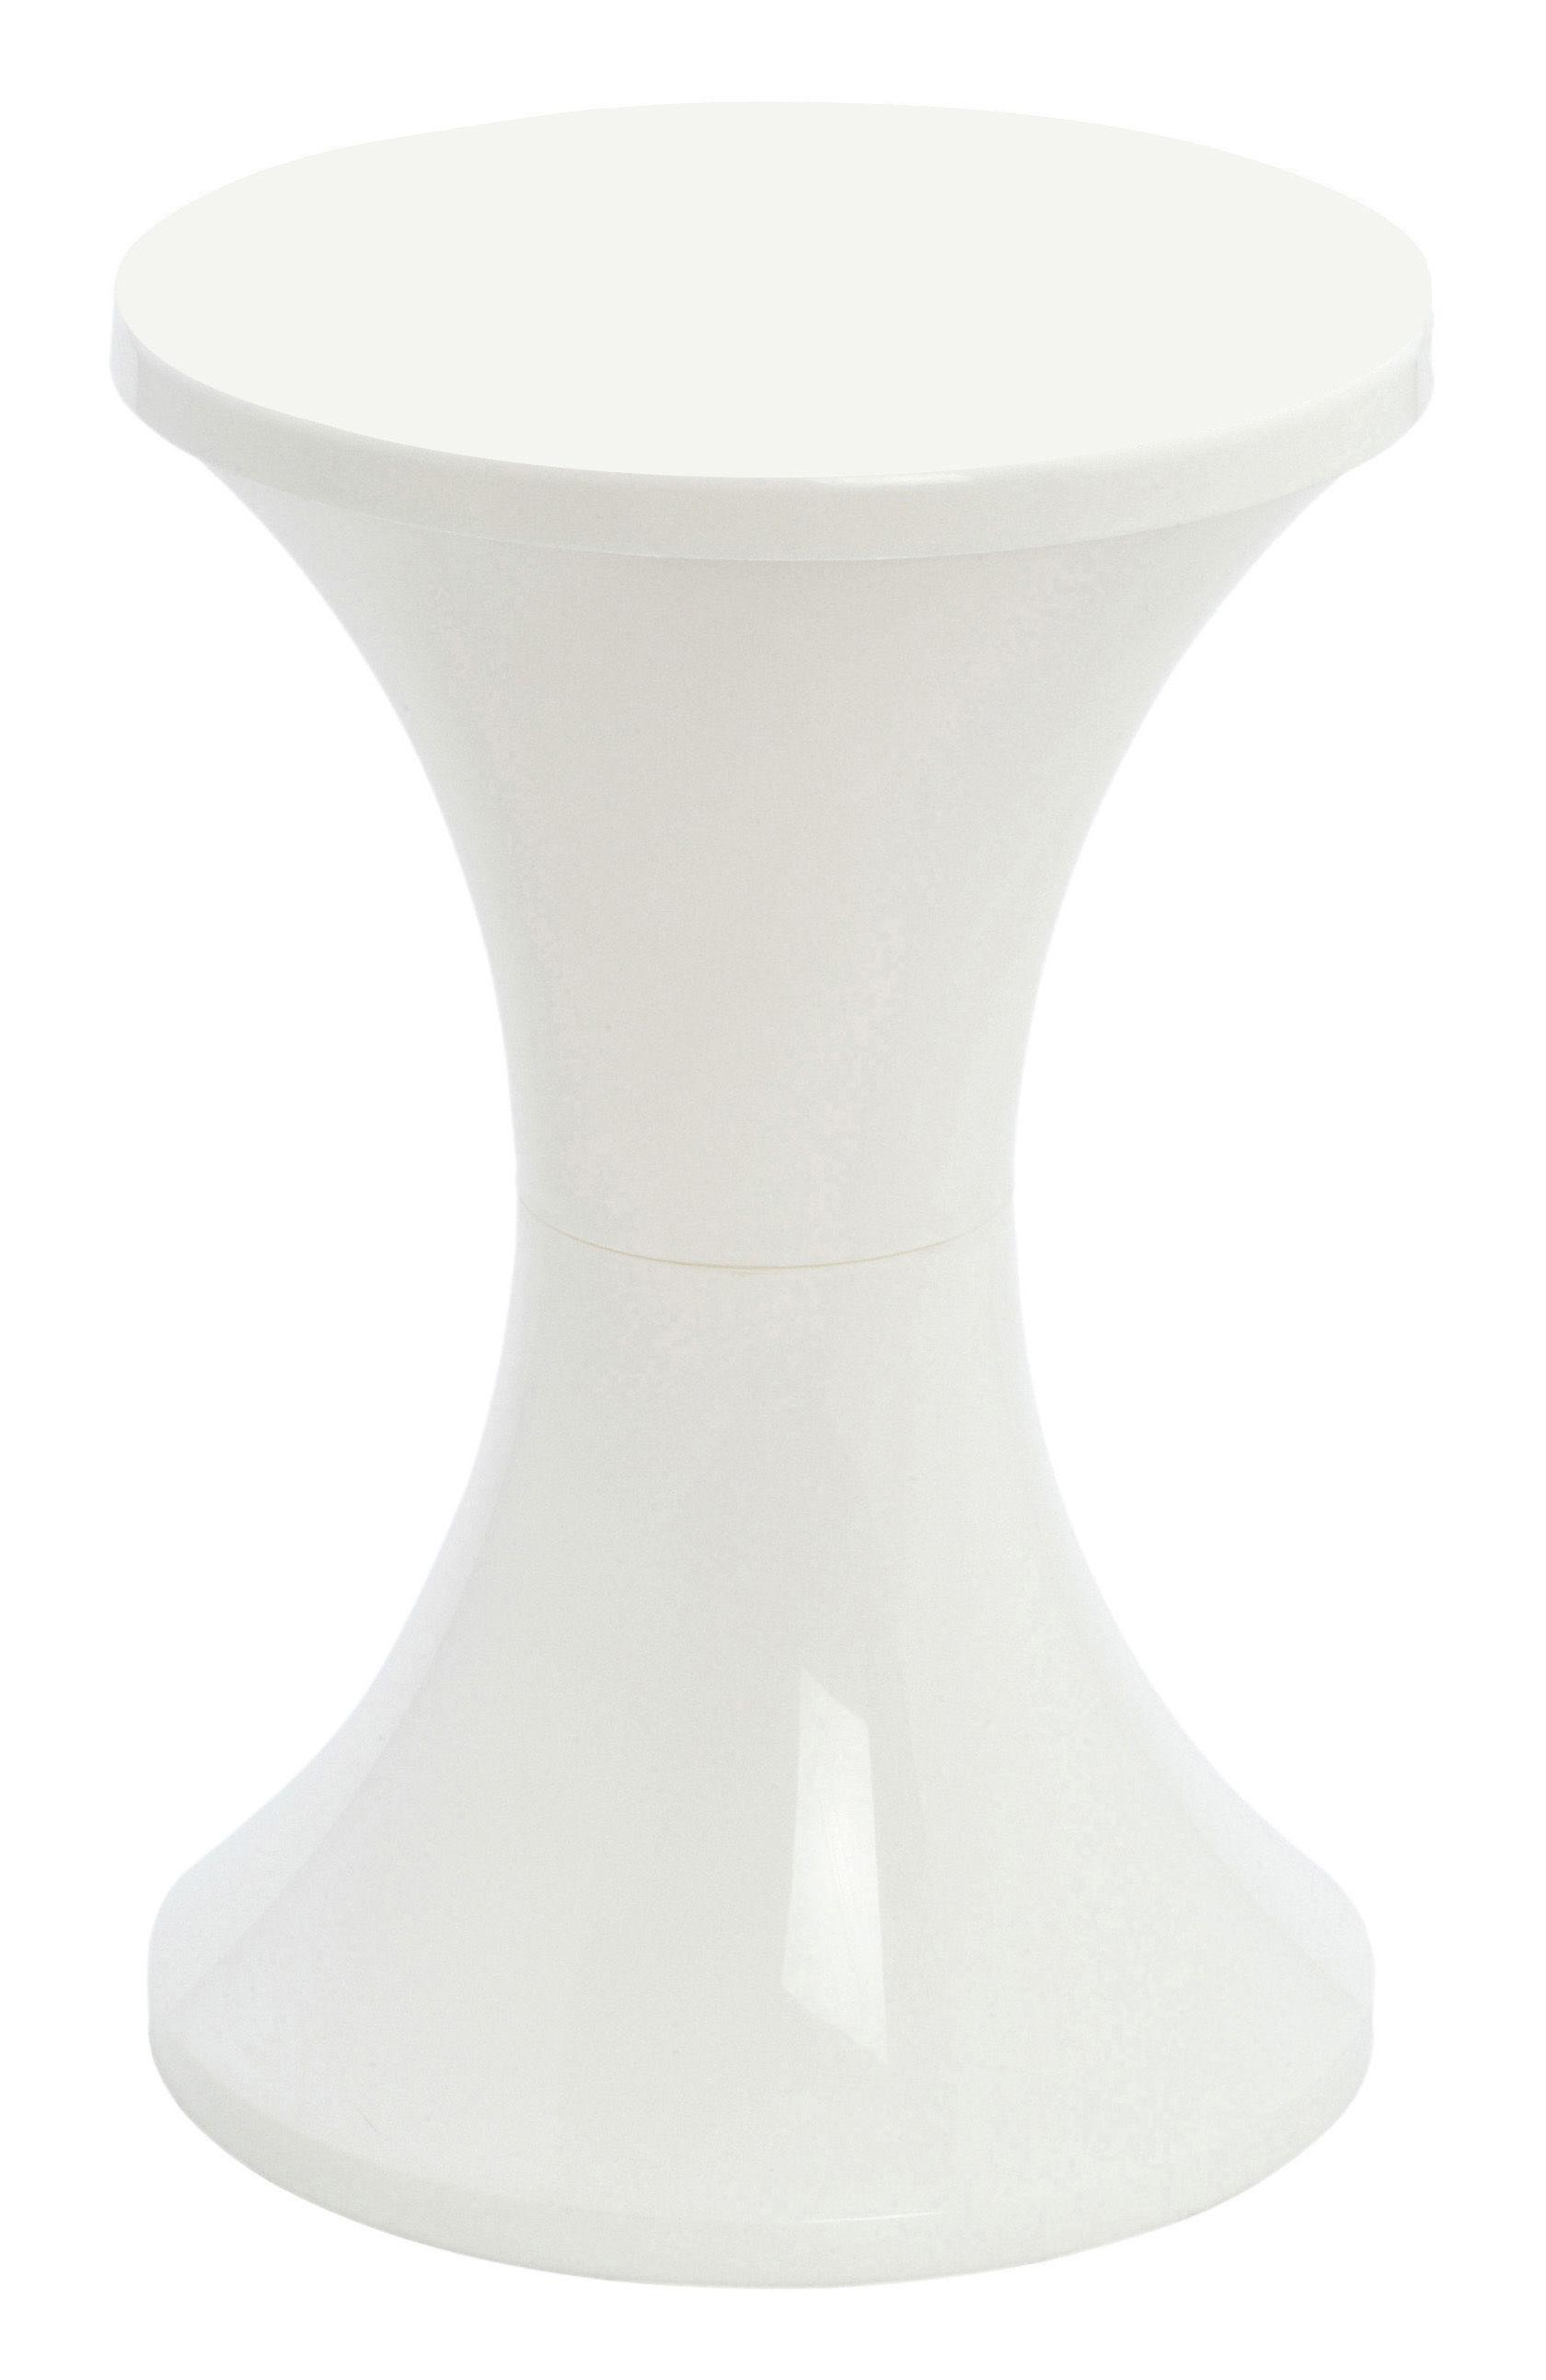 Mobilier - Mobilier Ados - Tabouret Tam Tam Pop / Plastique - Stamp Edition - Blanc - Polypropylène